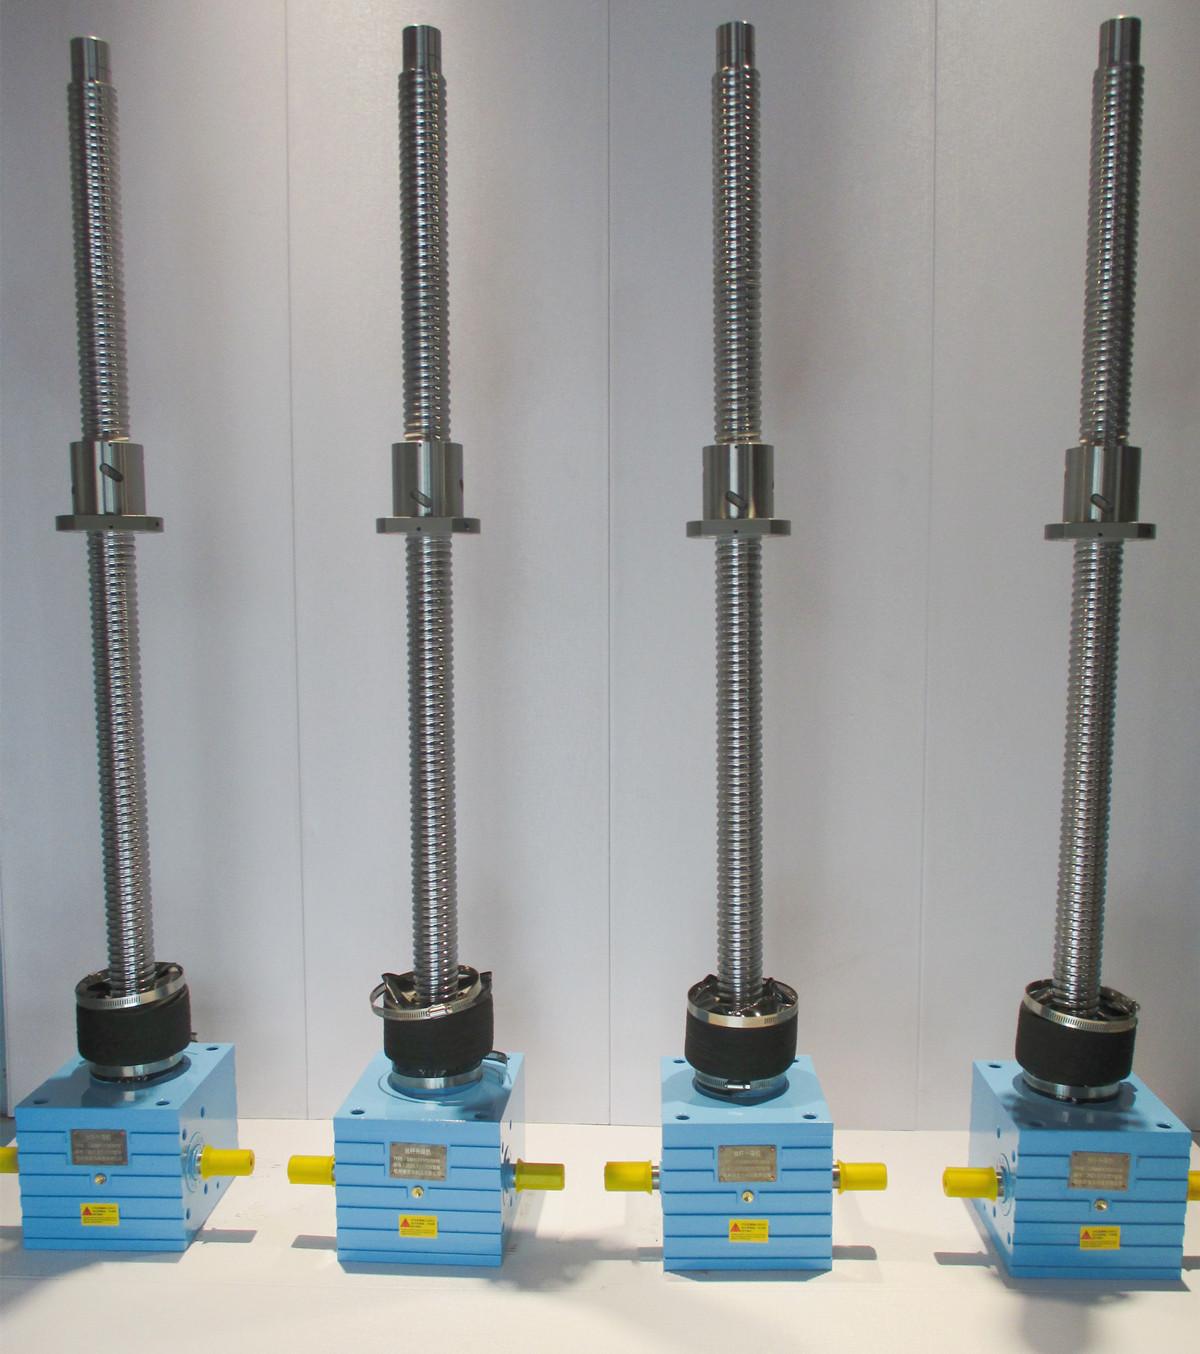 客户定制全新型滚珠丝杆升降机